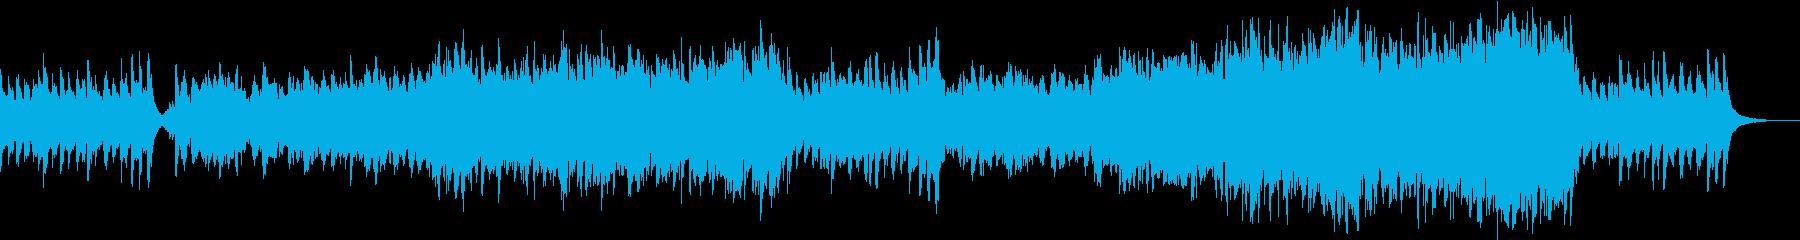 ファンタジックで壮大なオーケストラバトルの再生済みの波形